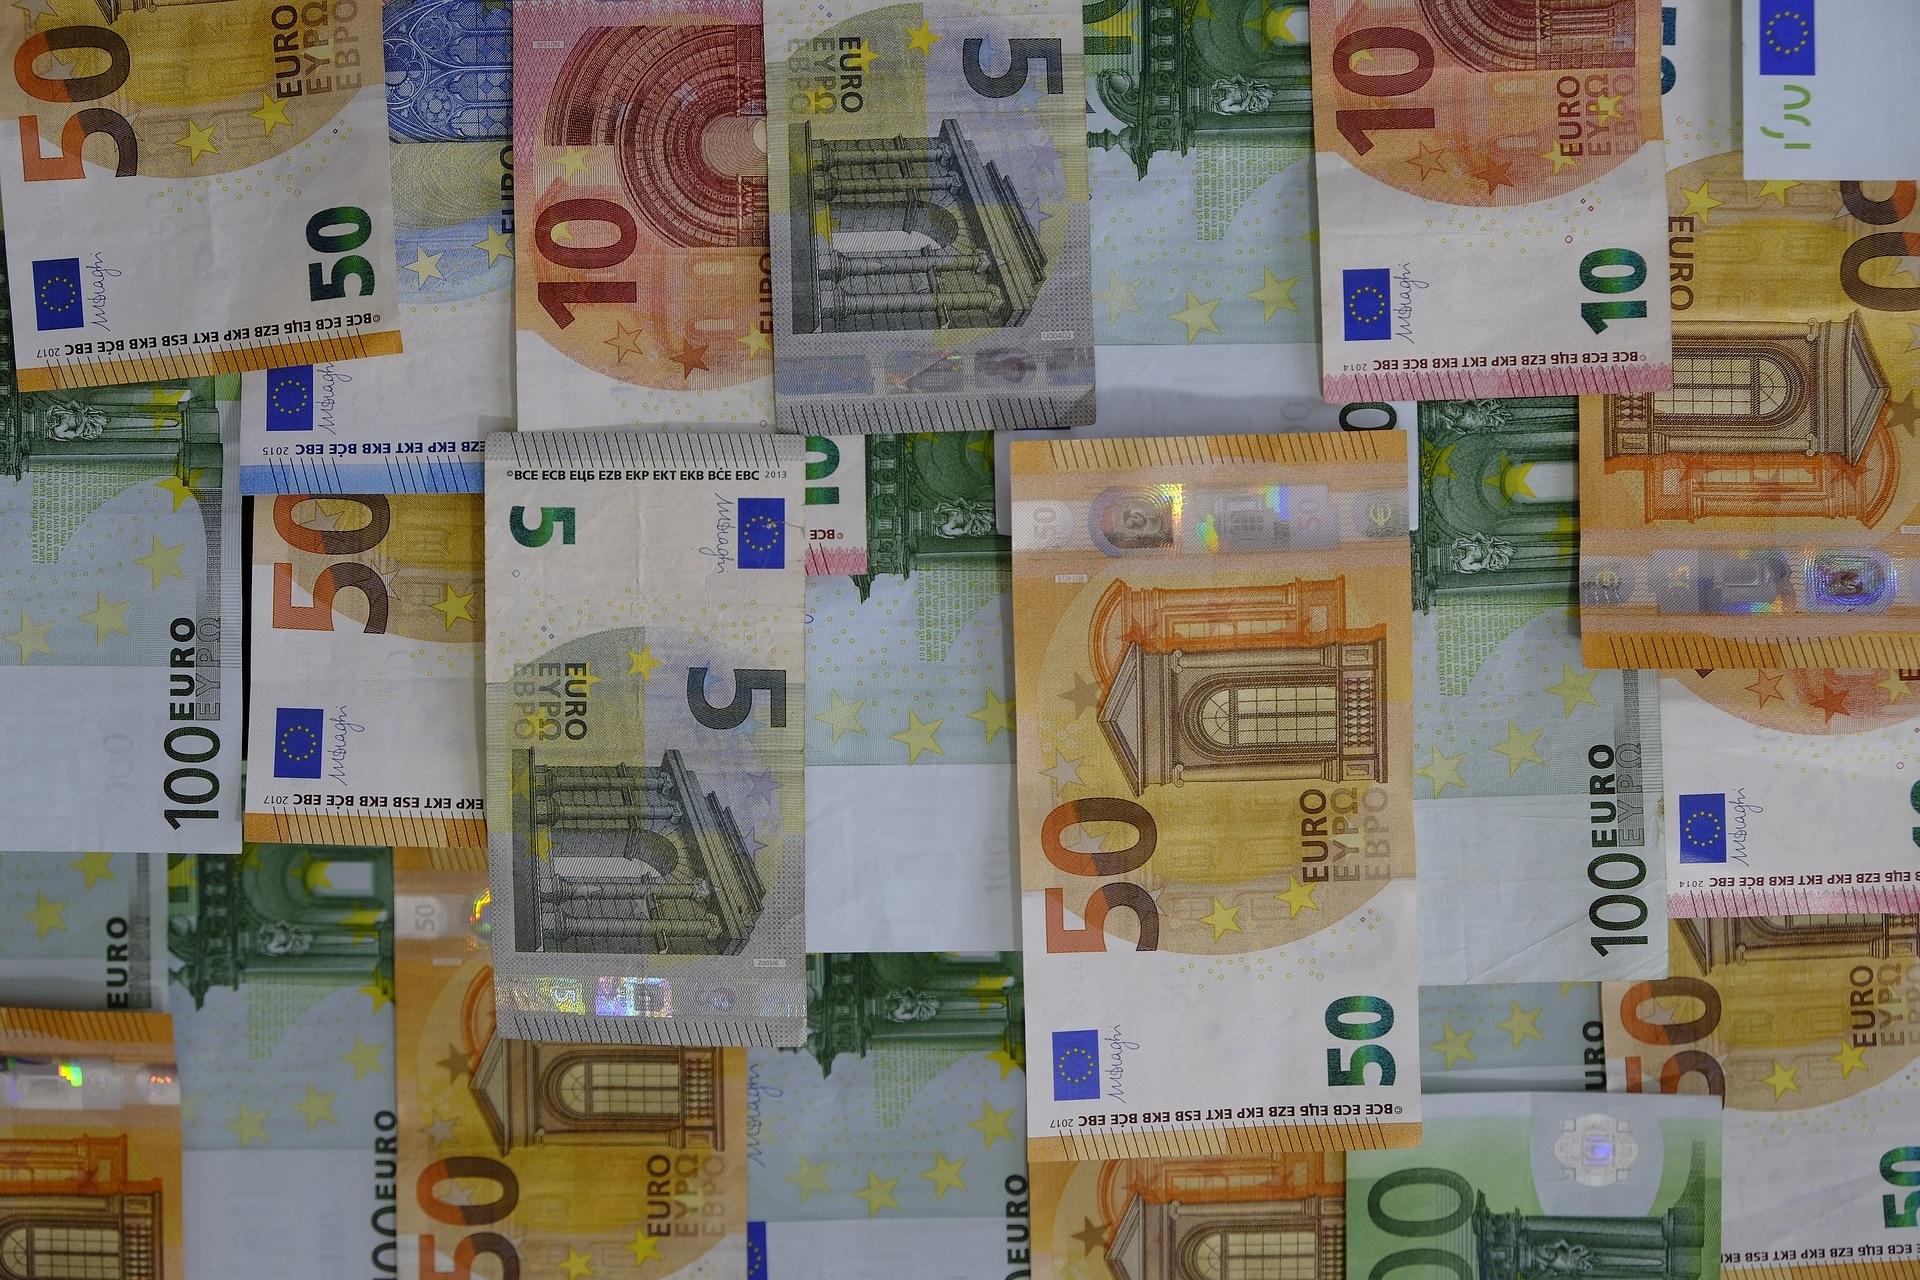 Geld und Vermögen sind begrenzt - Geldscheine